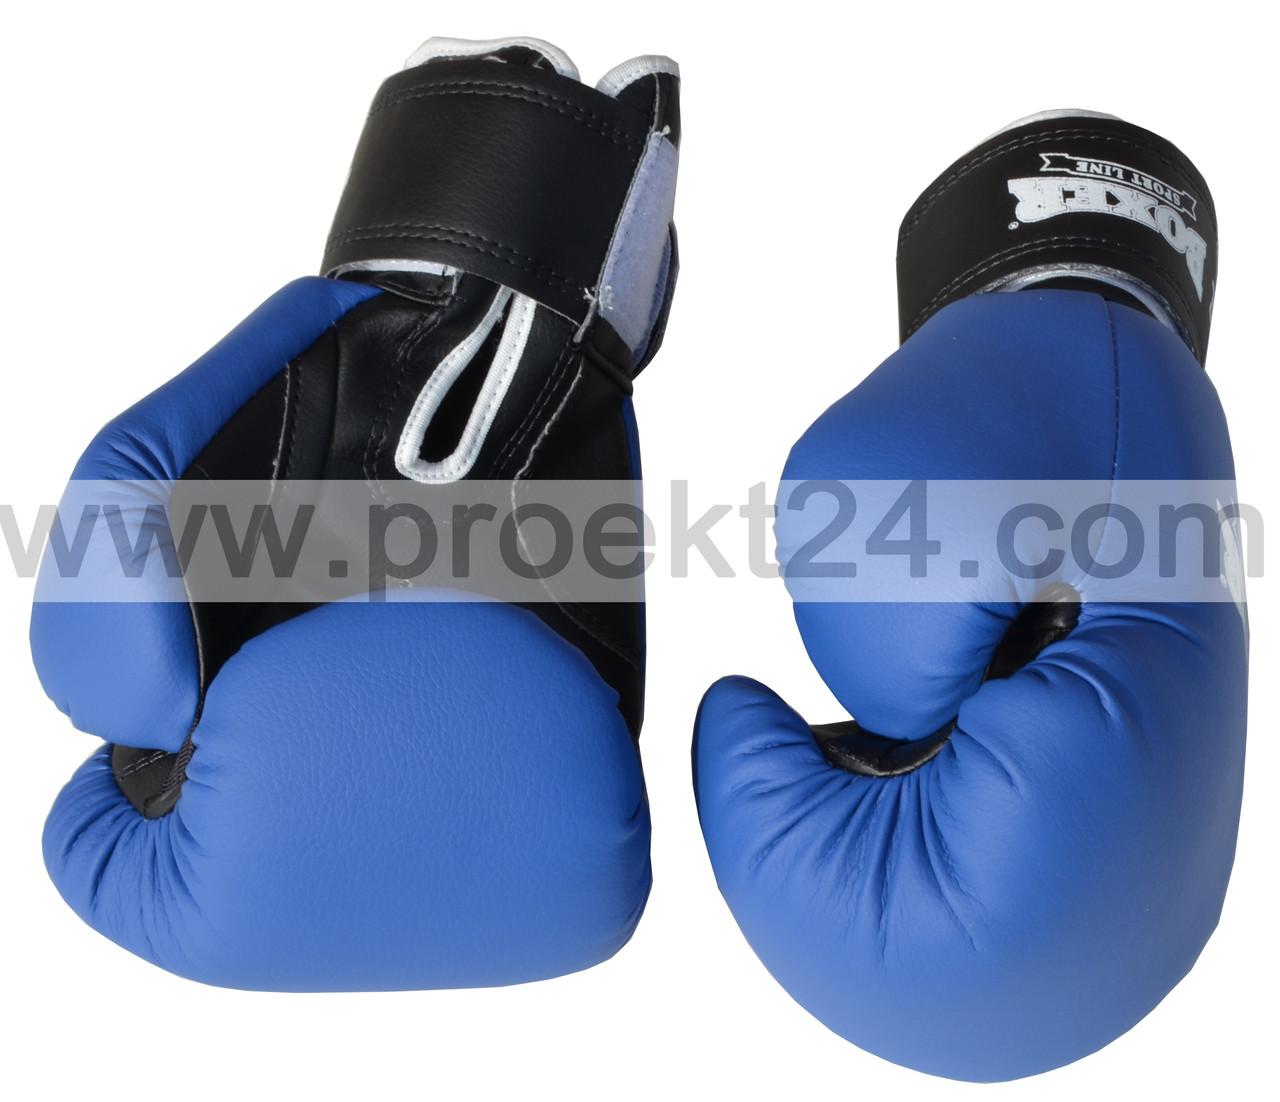 Боксерские перчатки 6 оz Кожвинил Элит (пара) - Глобальные энергосберегающие технологии  в Днепре